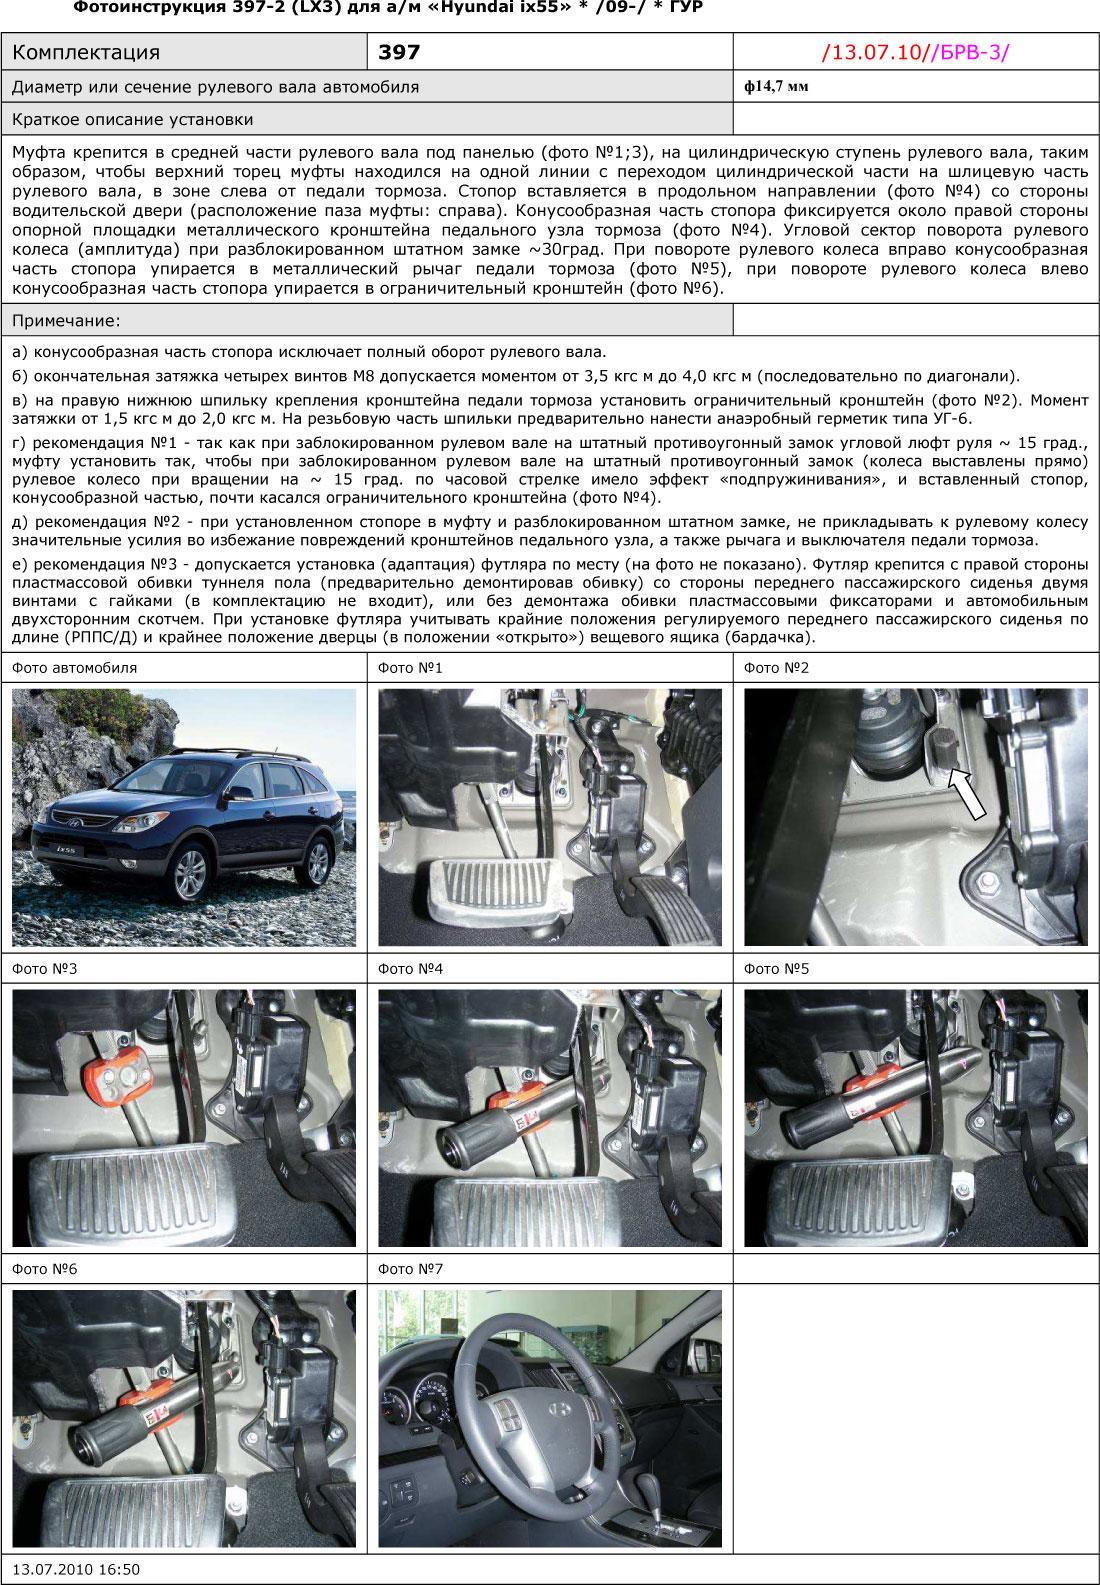 установка гарант блок люкс 397 на hyundai ix 55